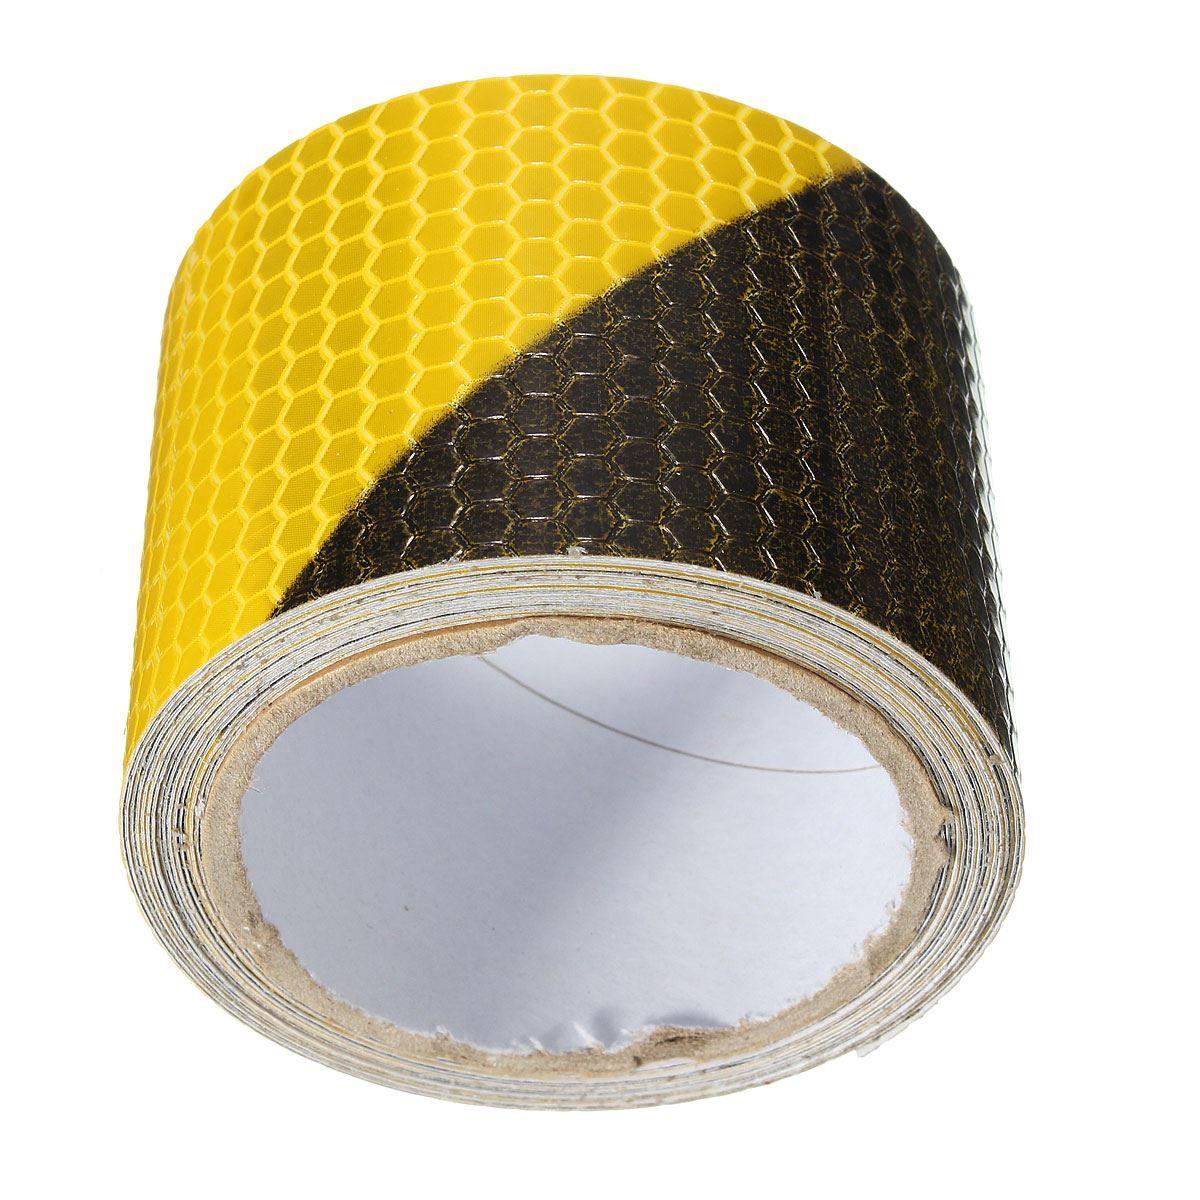 Neue Ankunft Schwarz Gelb Reflektierende Sicherheit Warnung Auffälligkeit Band Film Aufkleber 300 cm x 5 cm Warnung Bänder Sicherheit Schutz